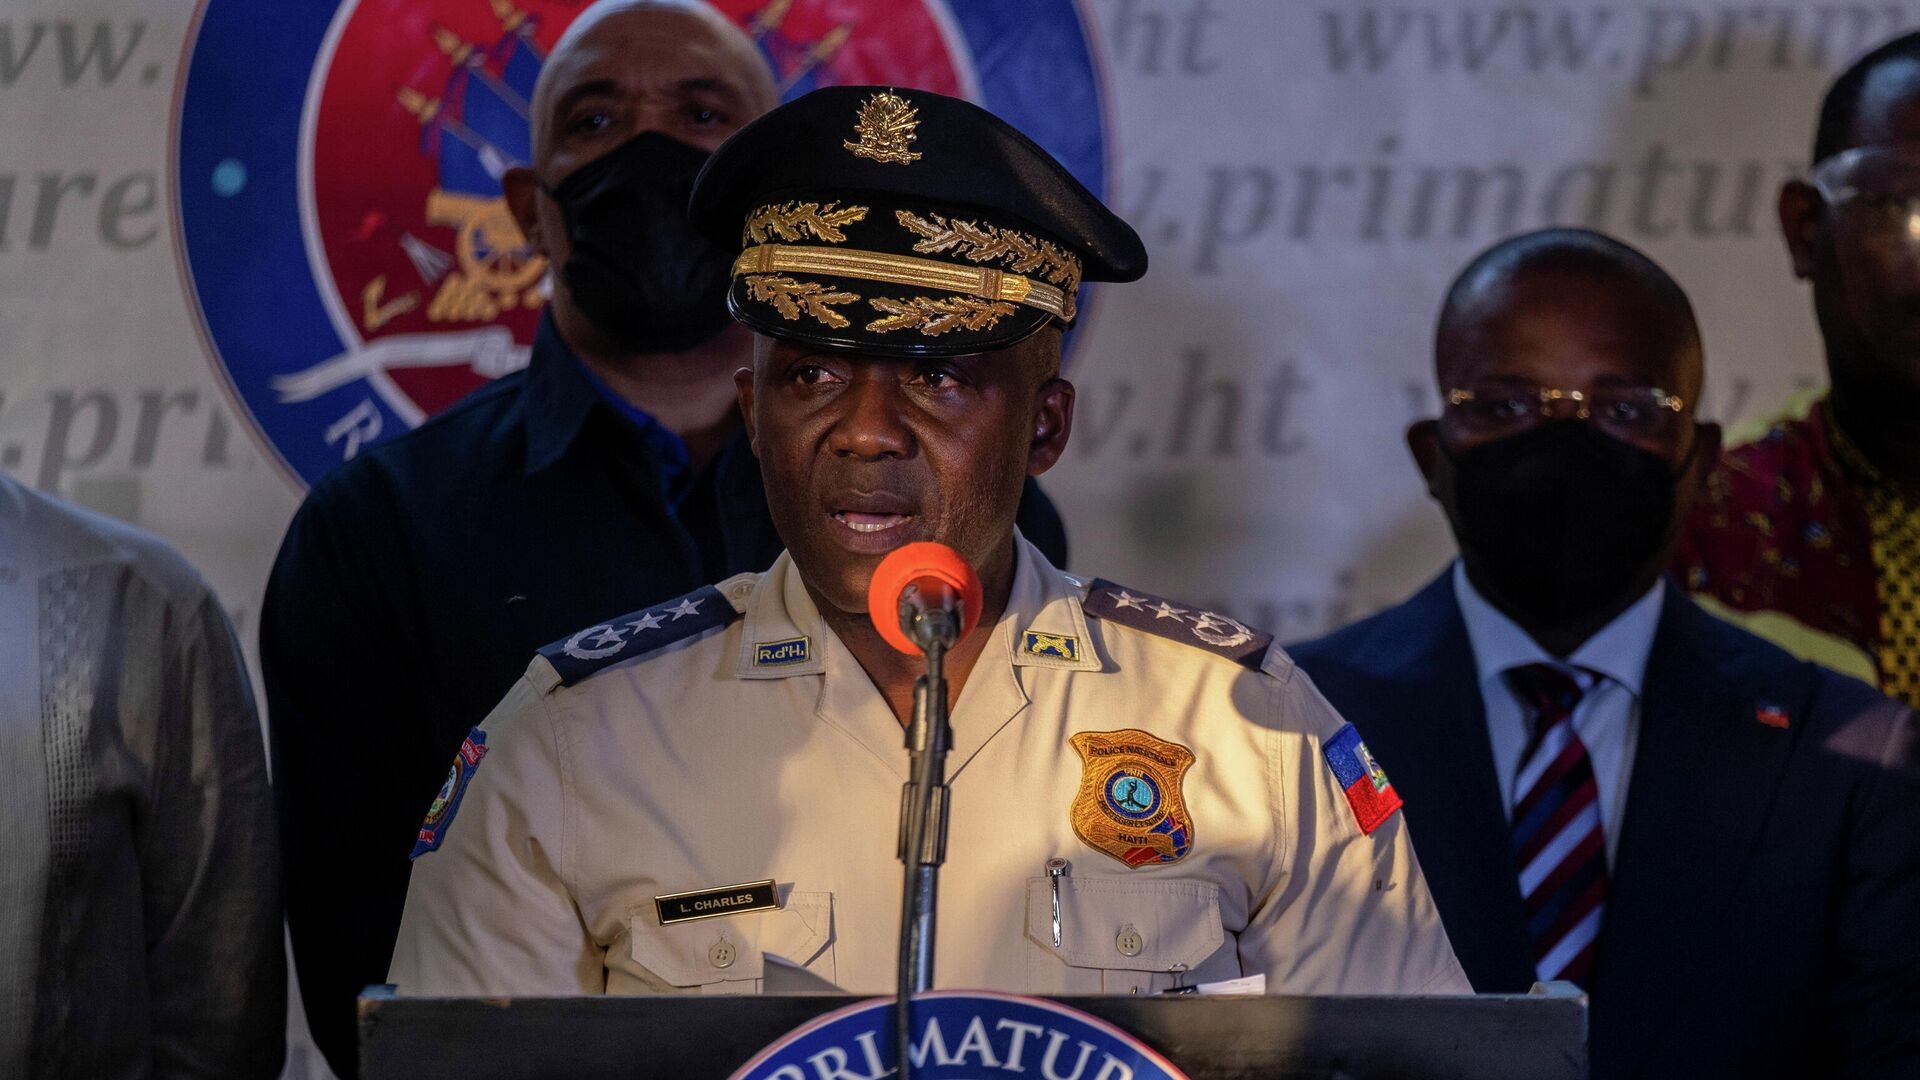 León Charles, director de la Policía de Haití - Sputnik Mundo, 1920, 12.07.2021